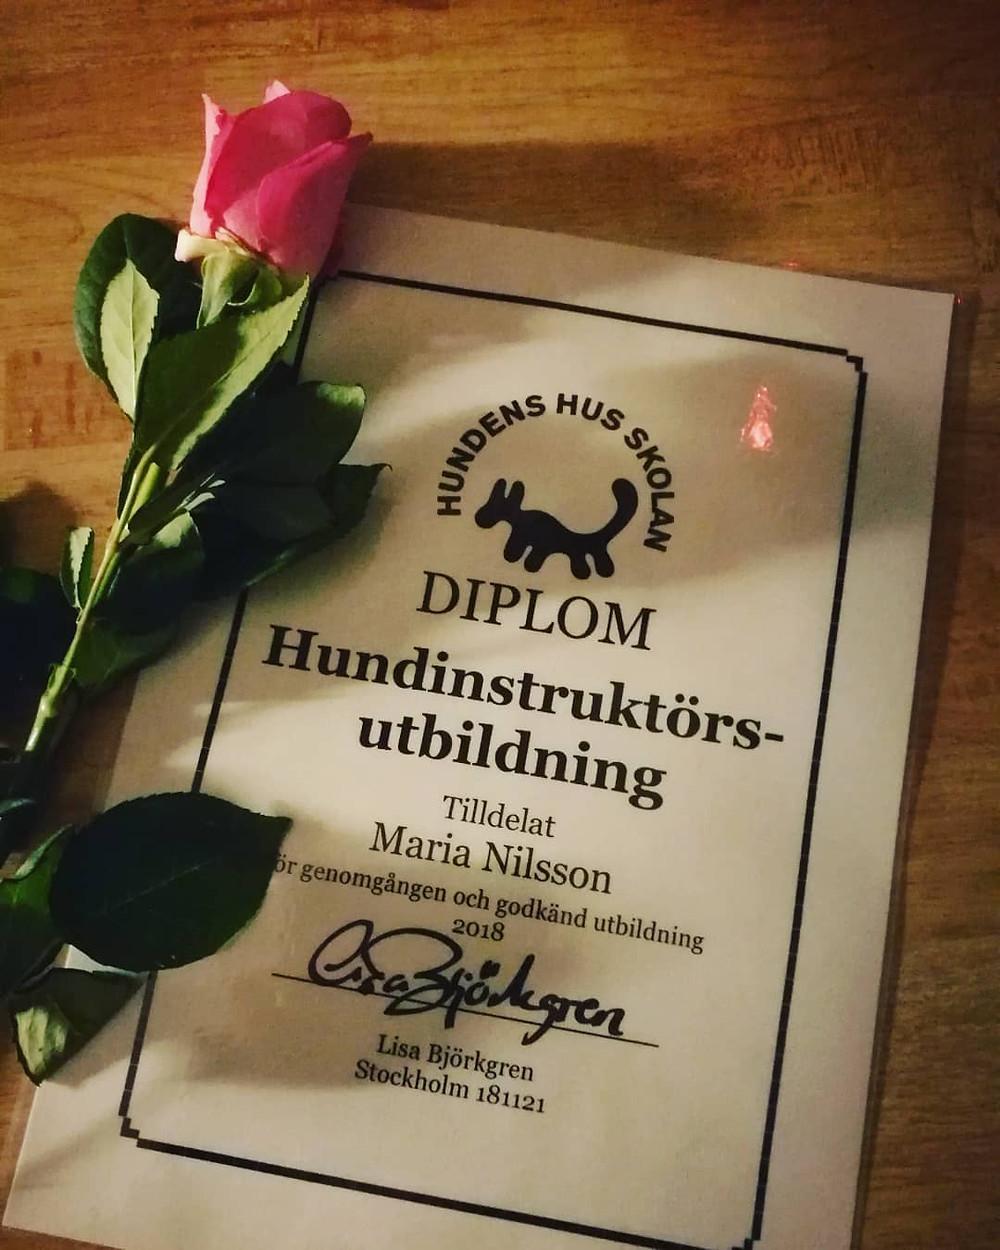 Diplom för Hundinstruktörsutbildning